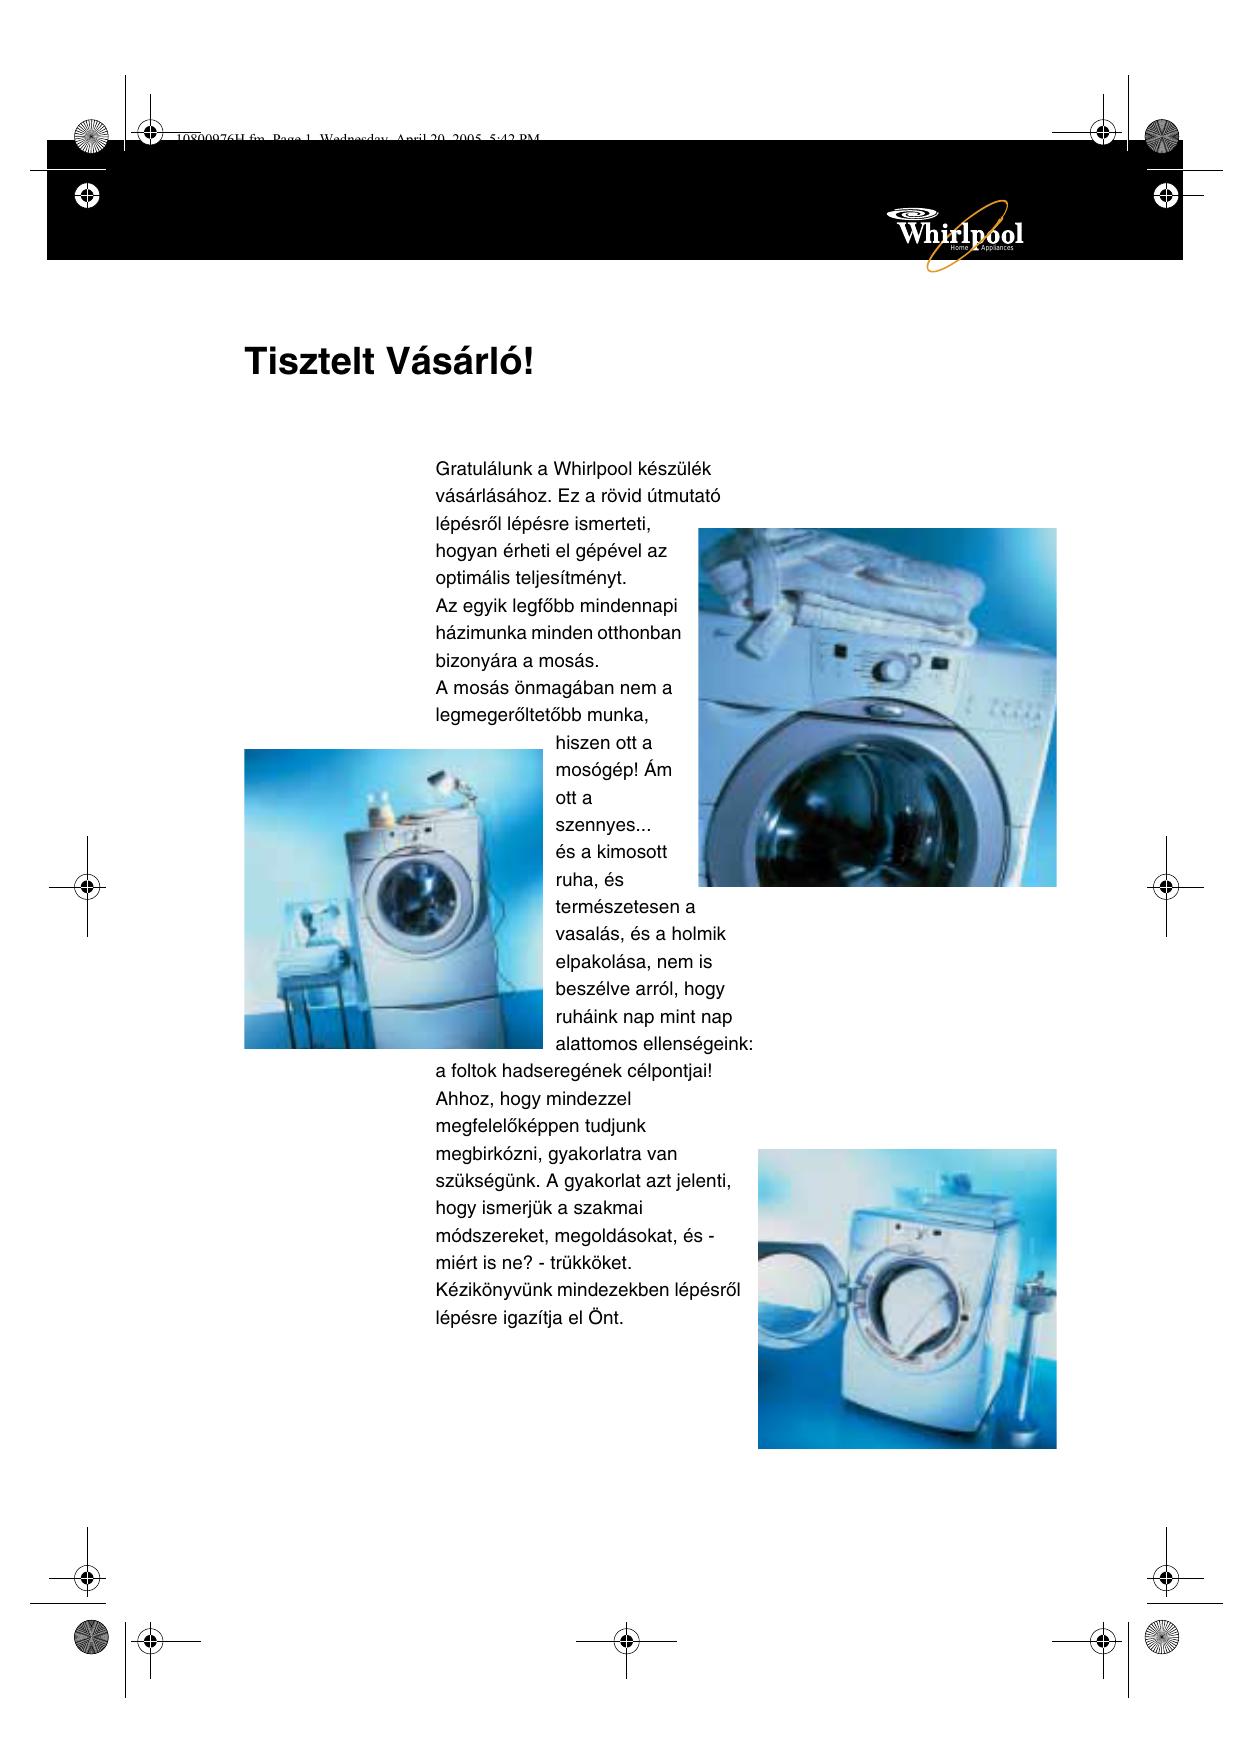 Műfogsor, Protézis - Implantcenter fogászat Budapest